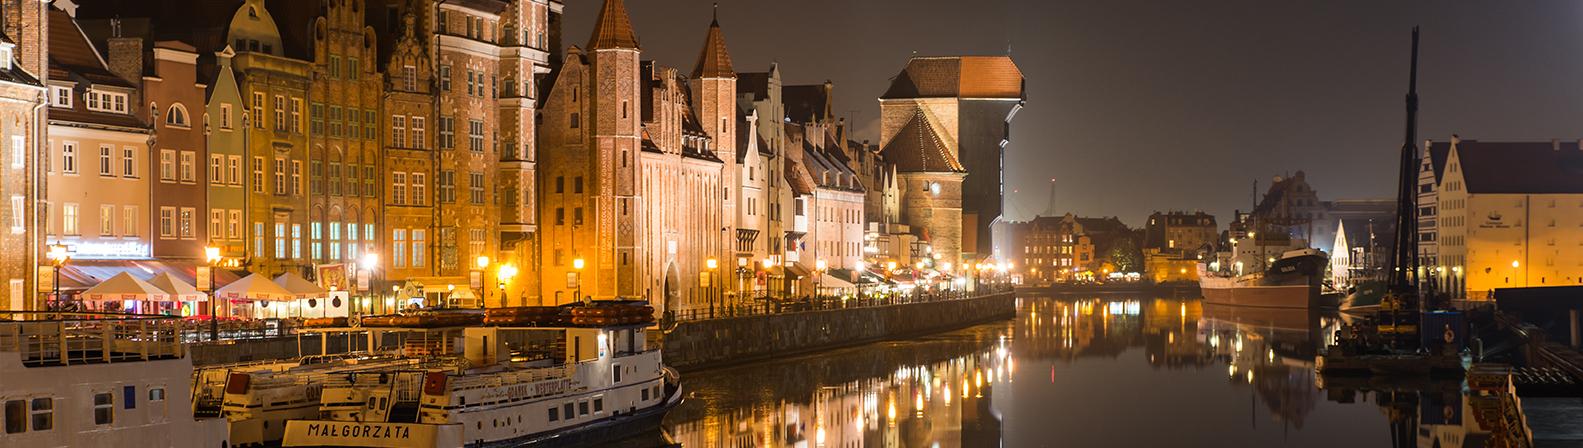 Gdańsk /  גדאנסק